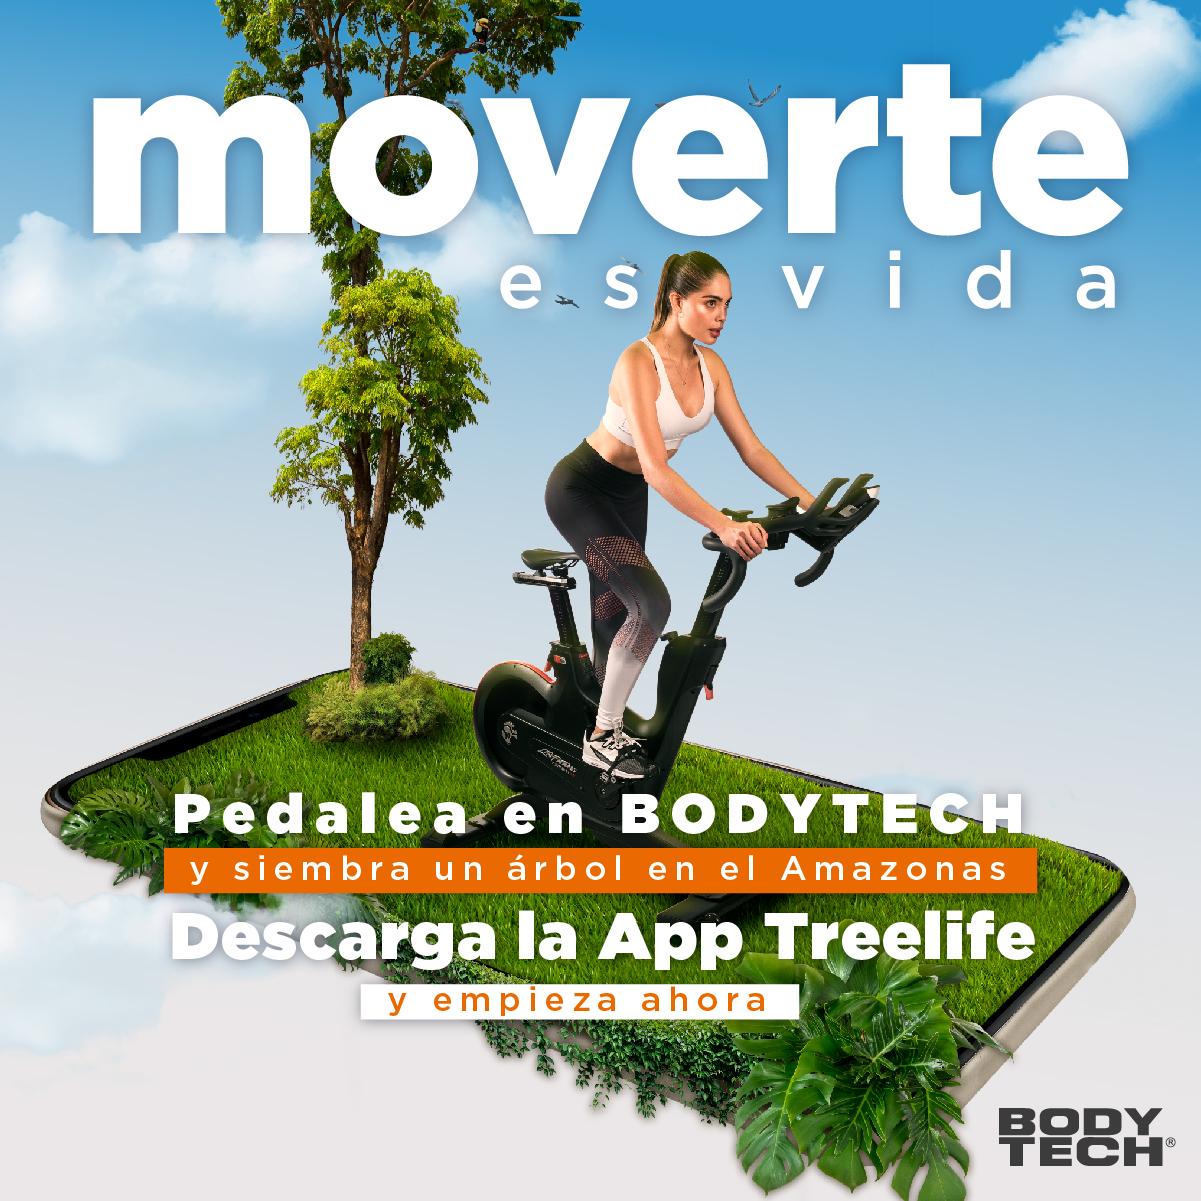 Bodytech establece una alianza con Treelife para sembrar árboles en el Amazonas colombiano